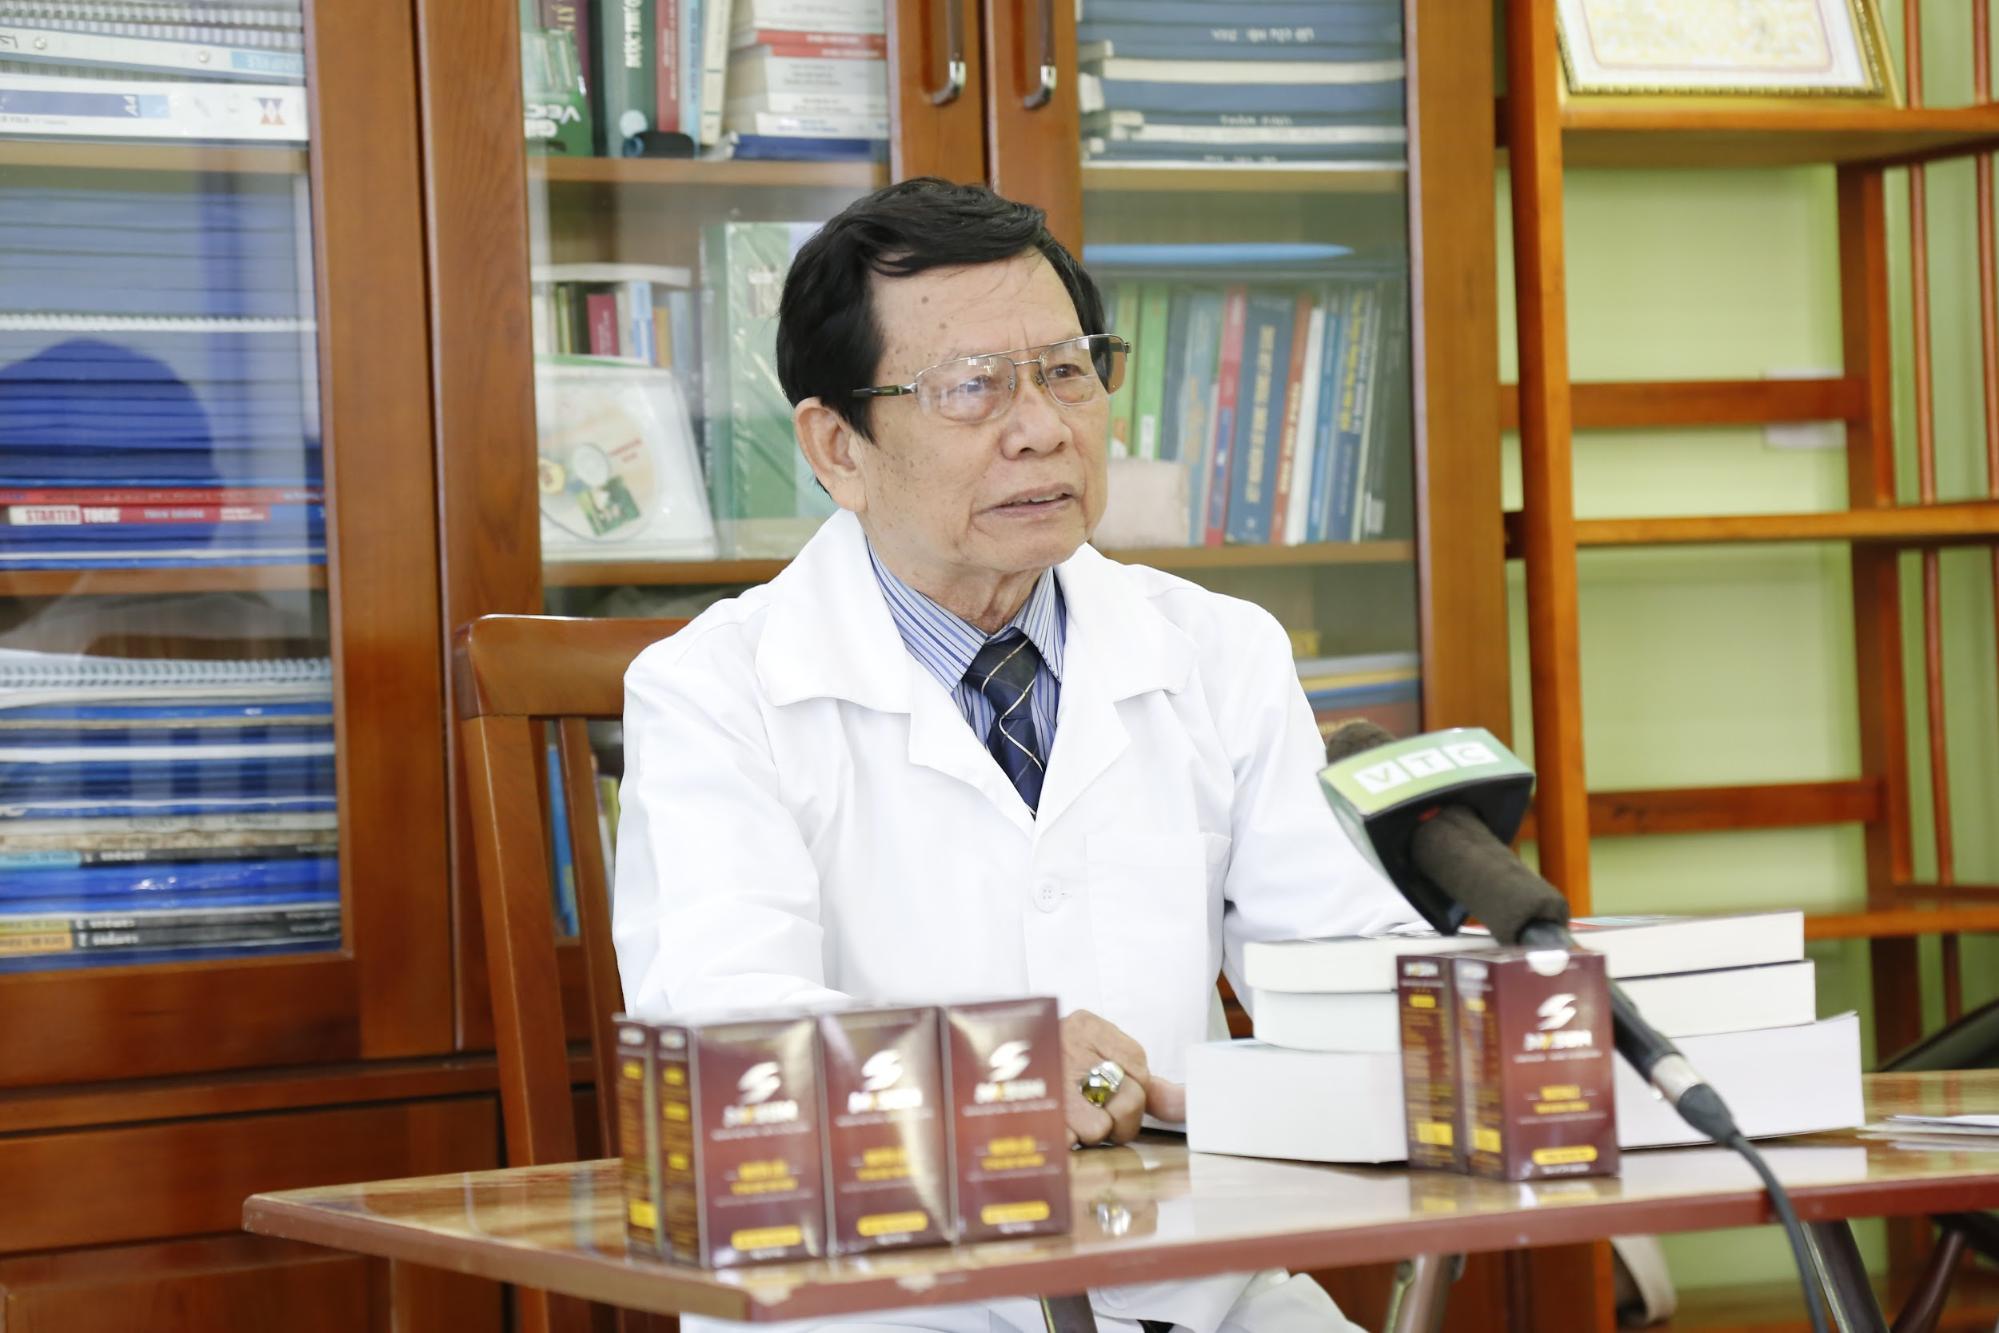 Mr Sun được Đại tá, bác sĩ Phạm Hoà Lan – Nguyên chủ nhiệm Khoa Trang bị, Trung tâm kiểm nghiệm, Nghiên cứu Dược Quân đội, Cục Quân y – Bộ Quốc Phòng khuyên dùng